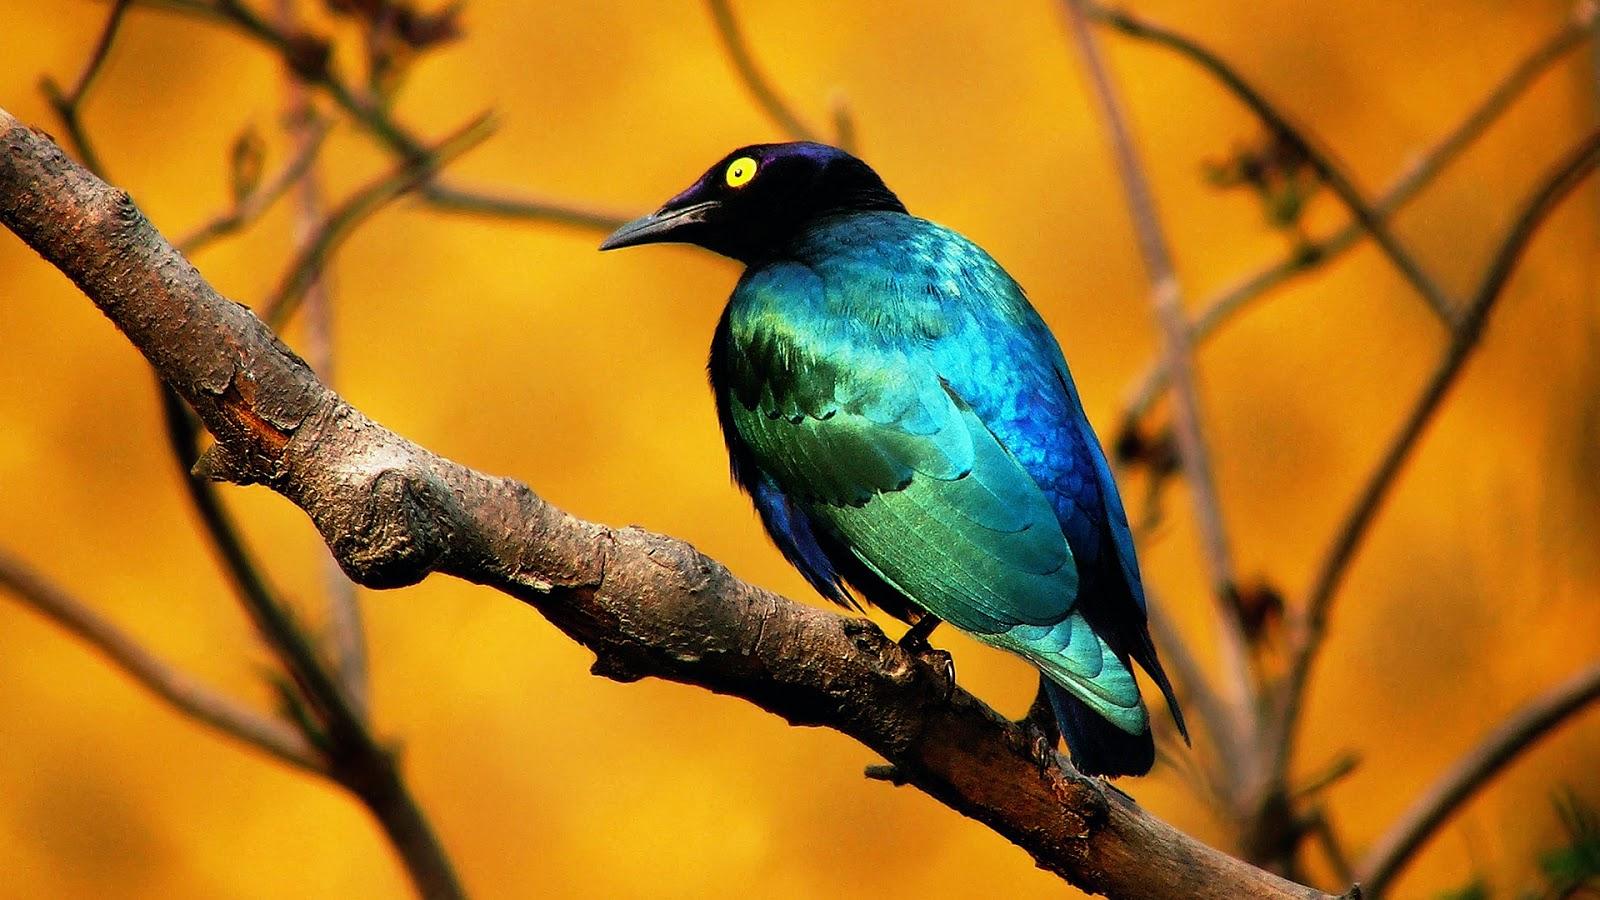 بالصور صور طيور , صور طيور غاية فى الجمال والروعة 131 5